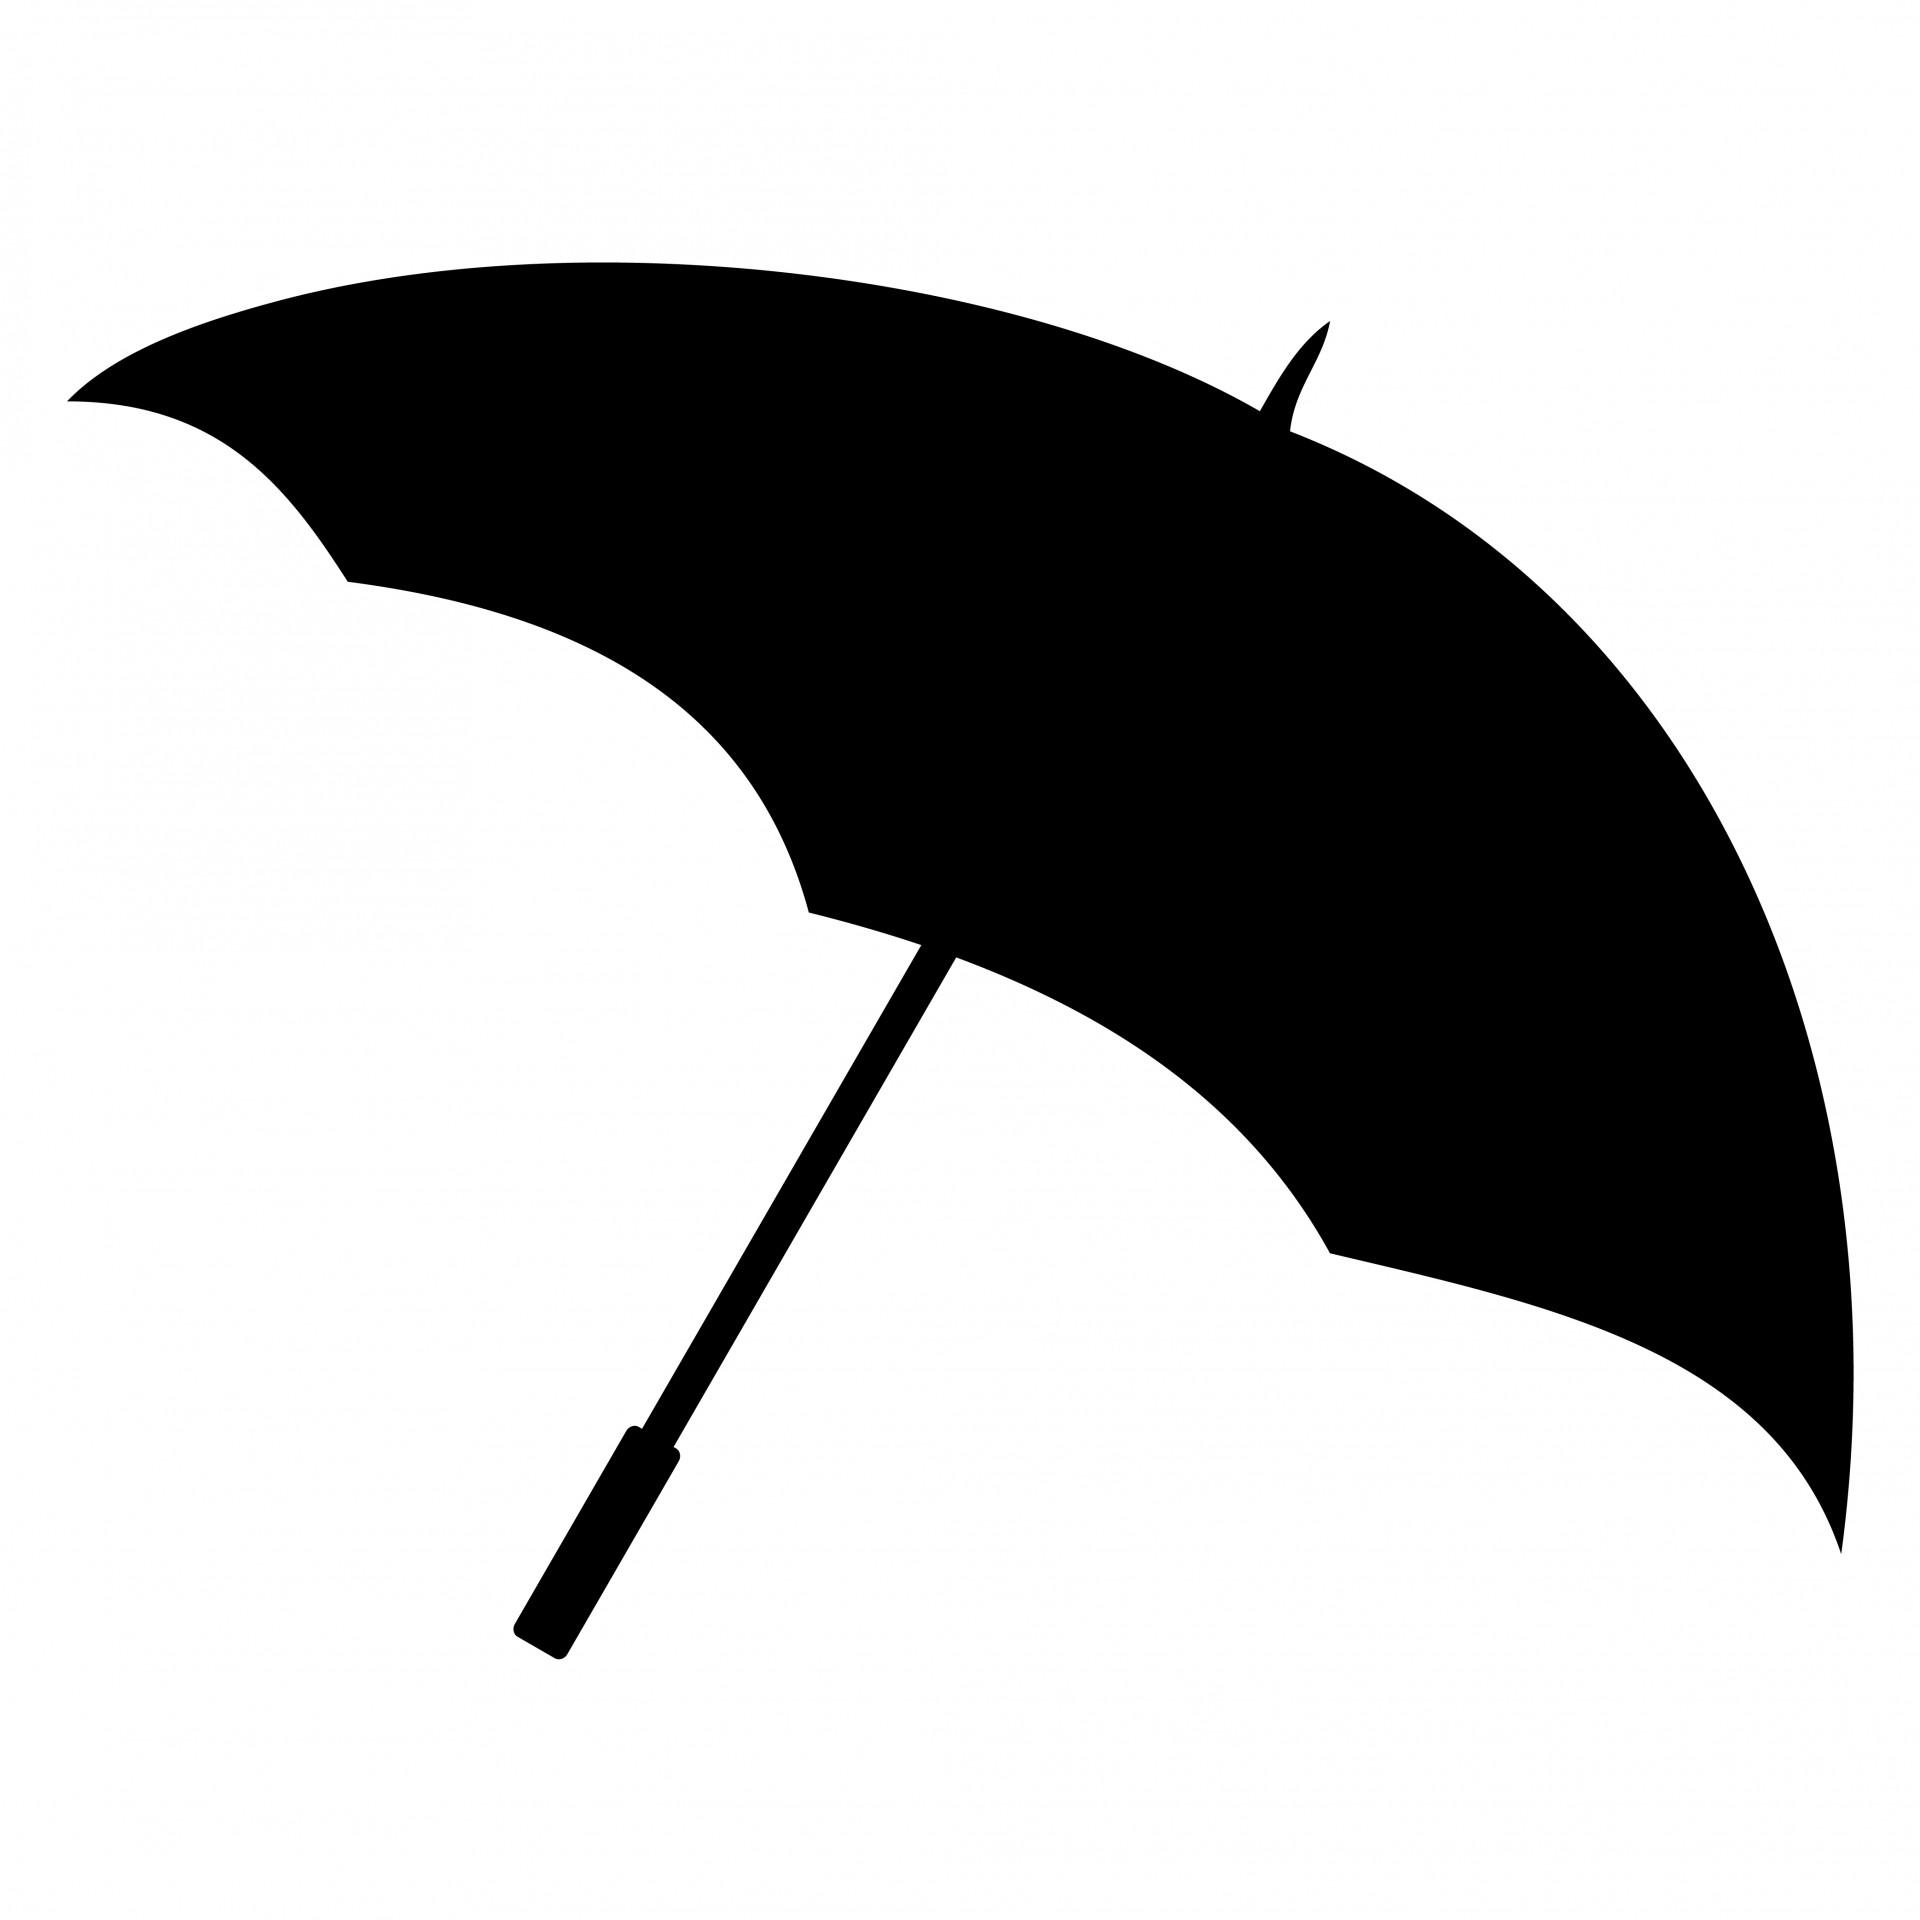 Umbrella clipart free pictures